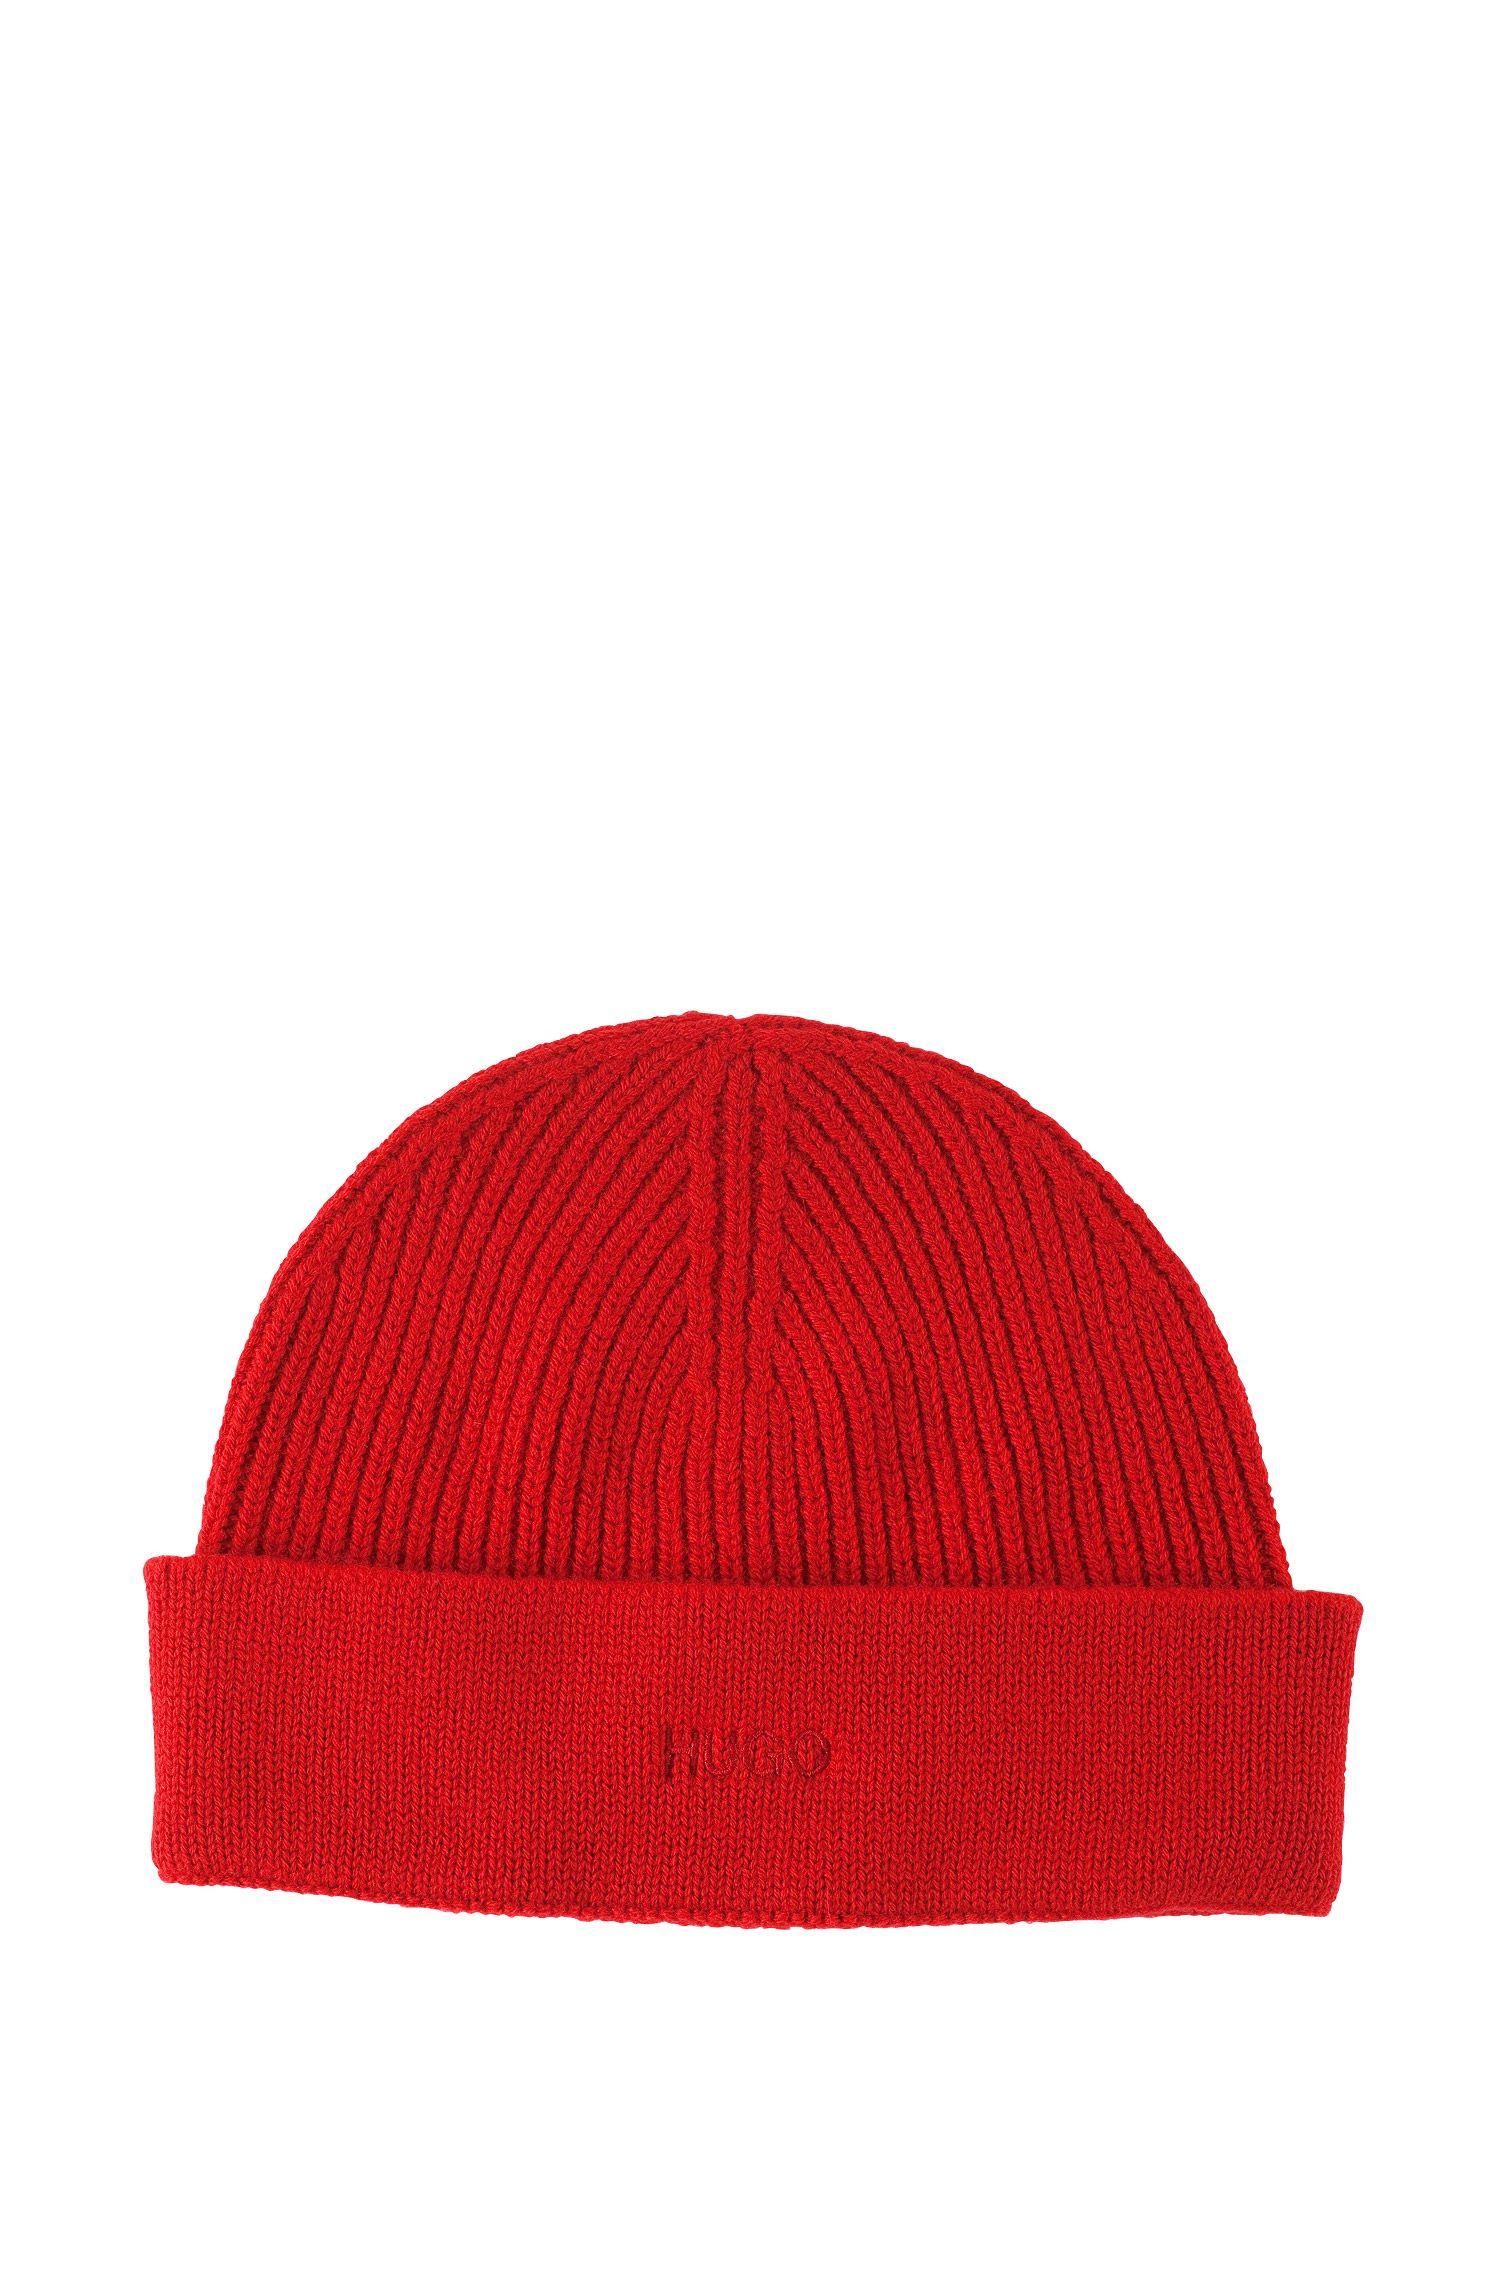 Bonnet en tricot de fine laine vierge, Xian-1